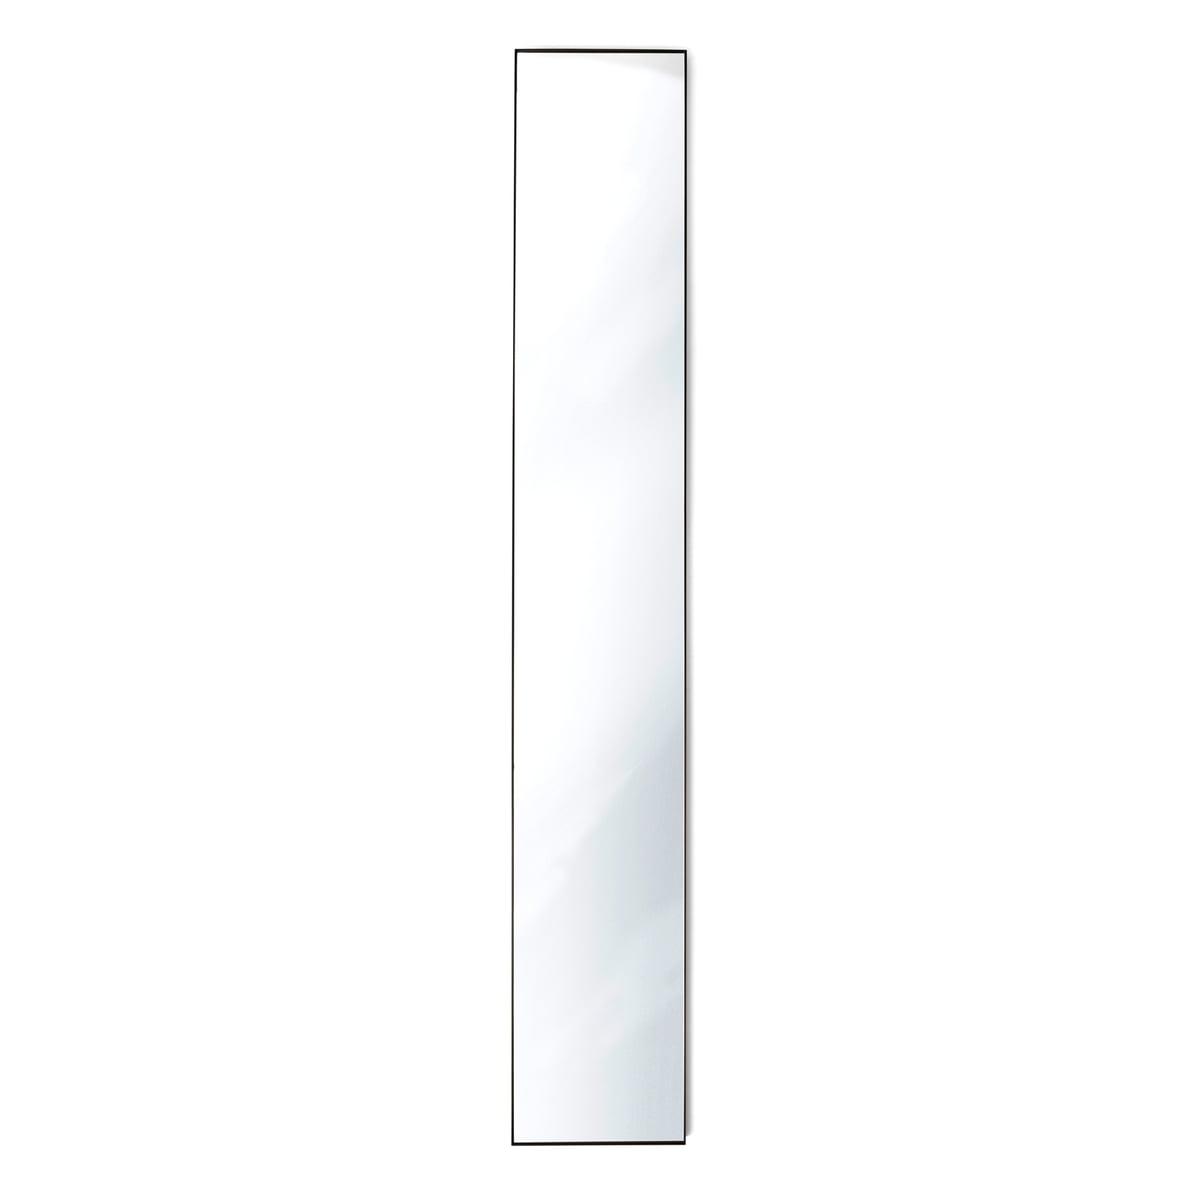 messing spiegelglas wandspiegel online kaufen m bel suchmaschine. Black Bedroom Furniture Sets. Home Design Ideas